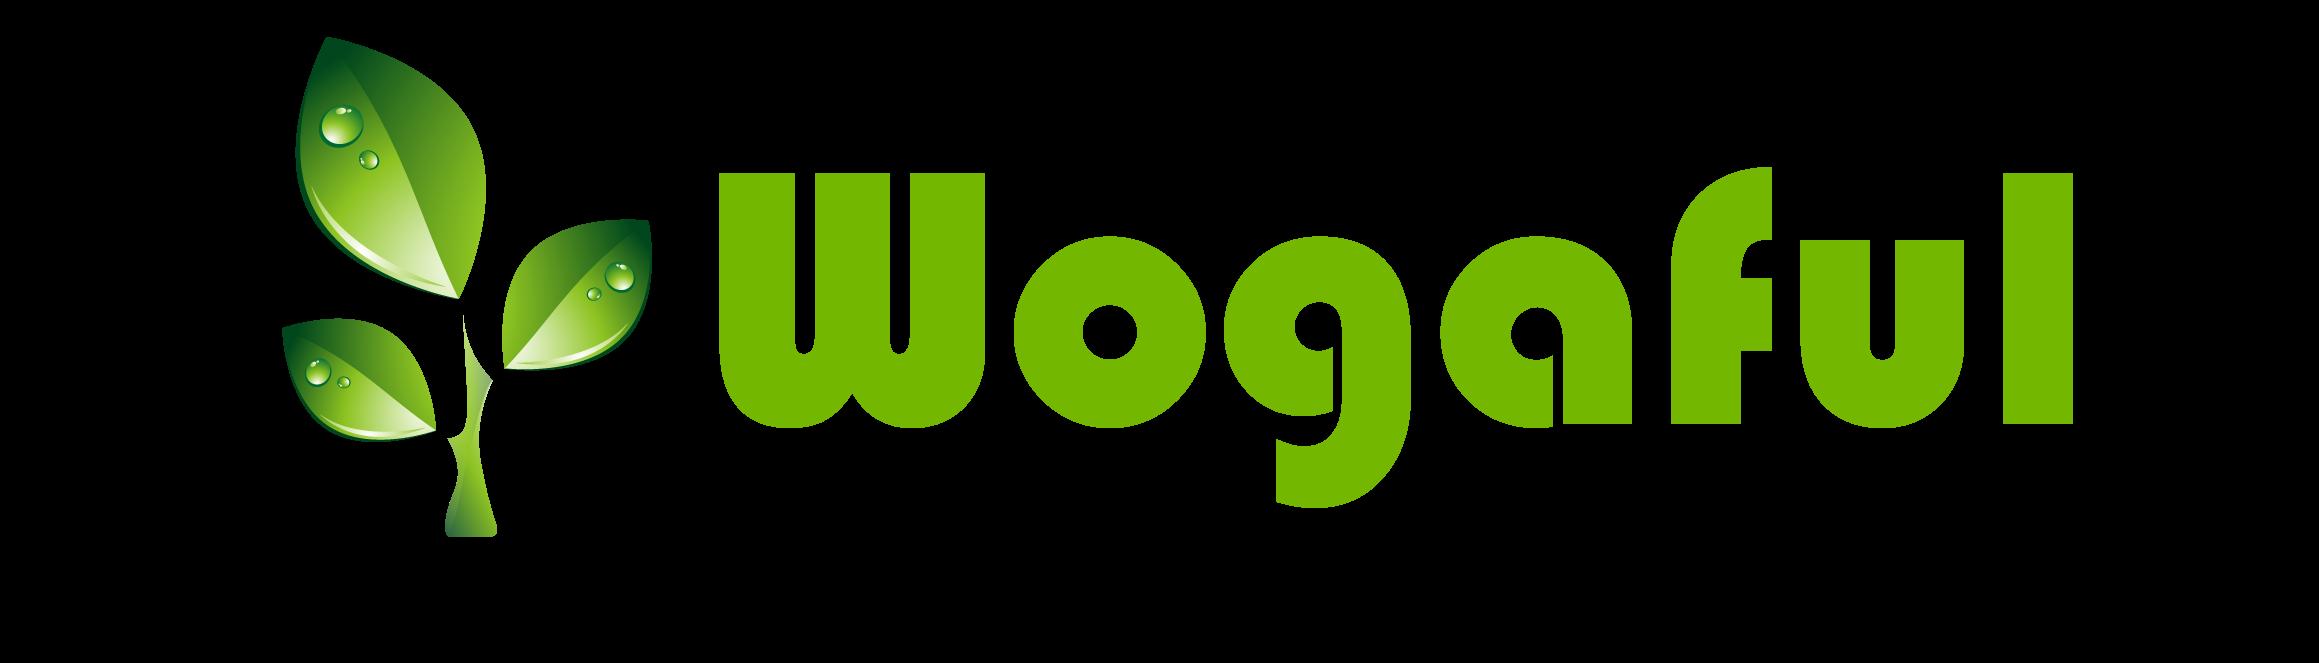 Fuan Wogaful Electronics Co.,Ltd